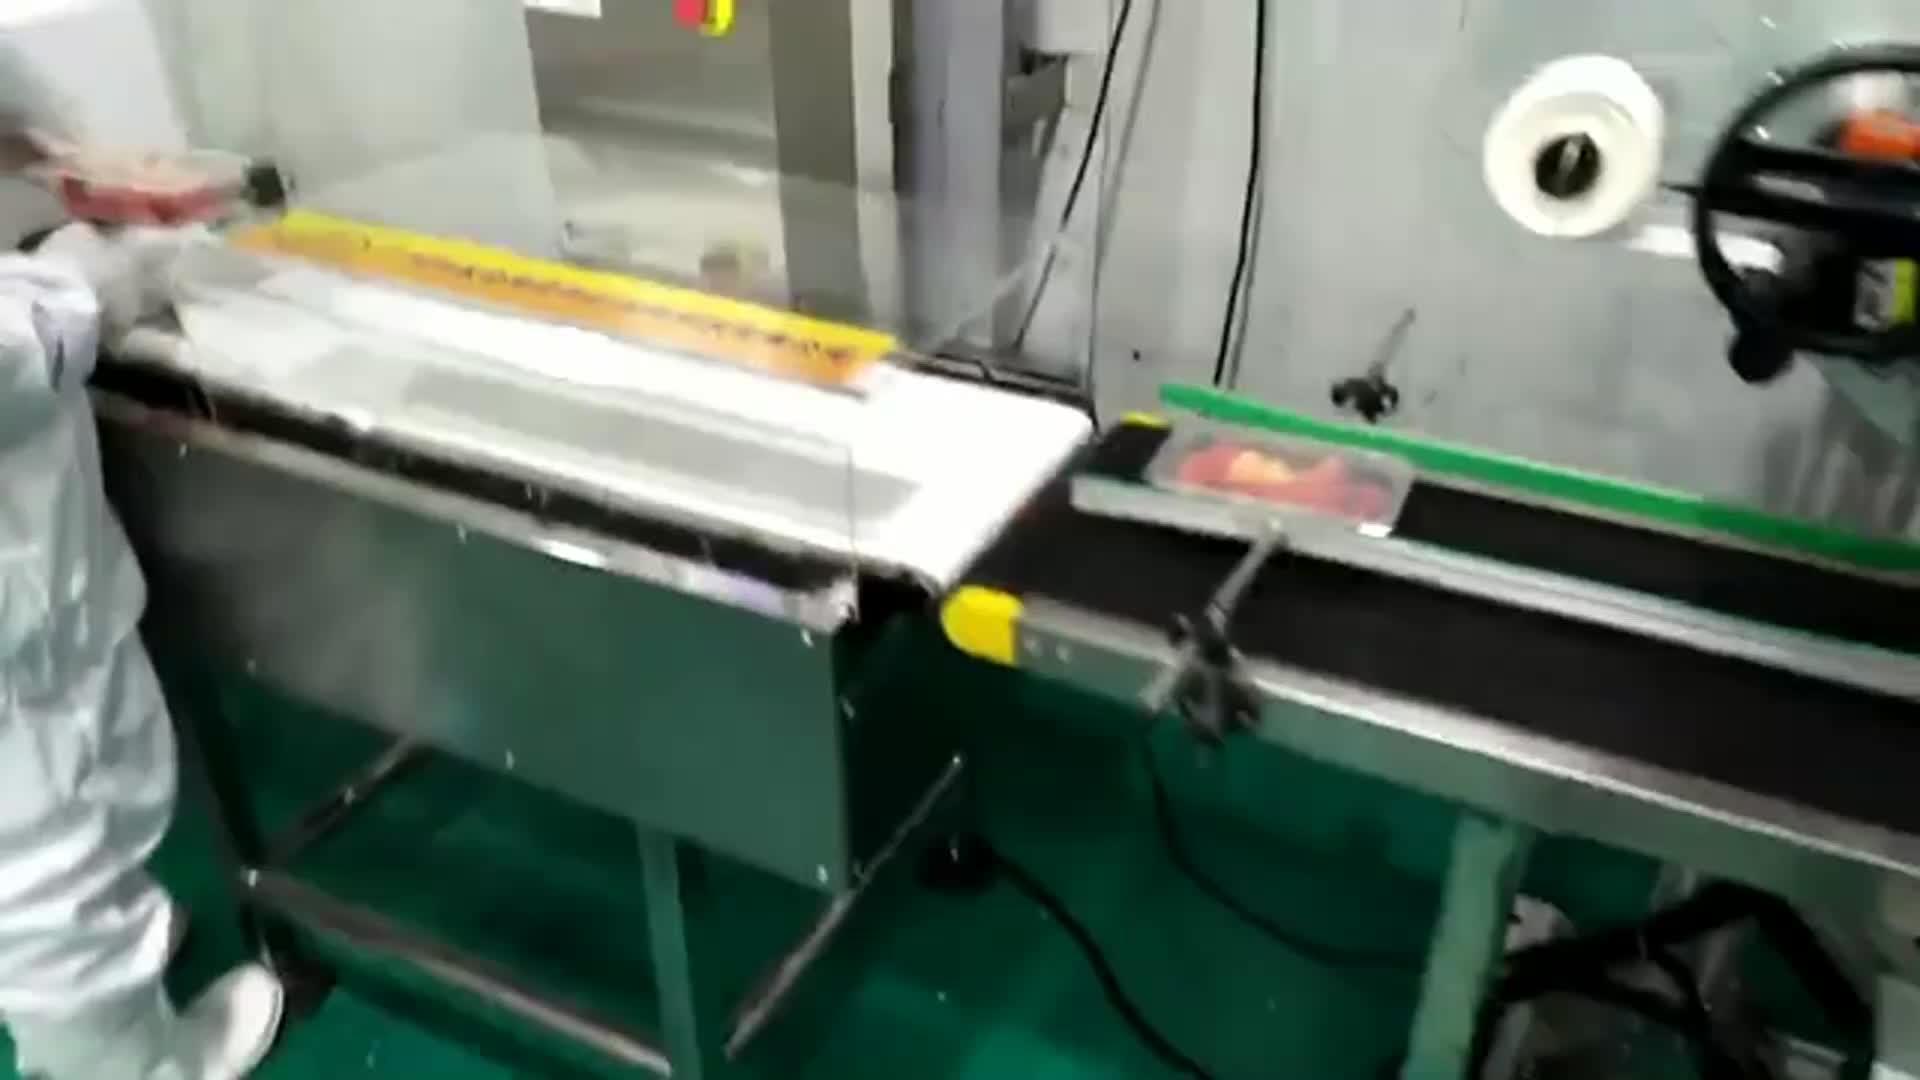 ชั่งน้ำหนักขนาดเล็กเครื่องพิมพ์ฉลากสำหรับร้านค้าปลีก